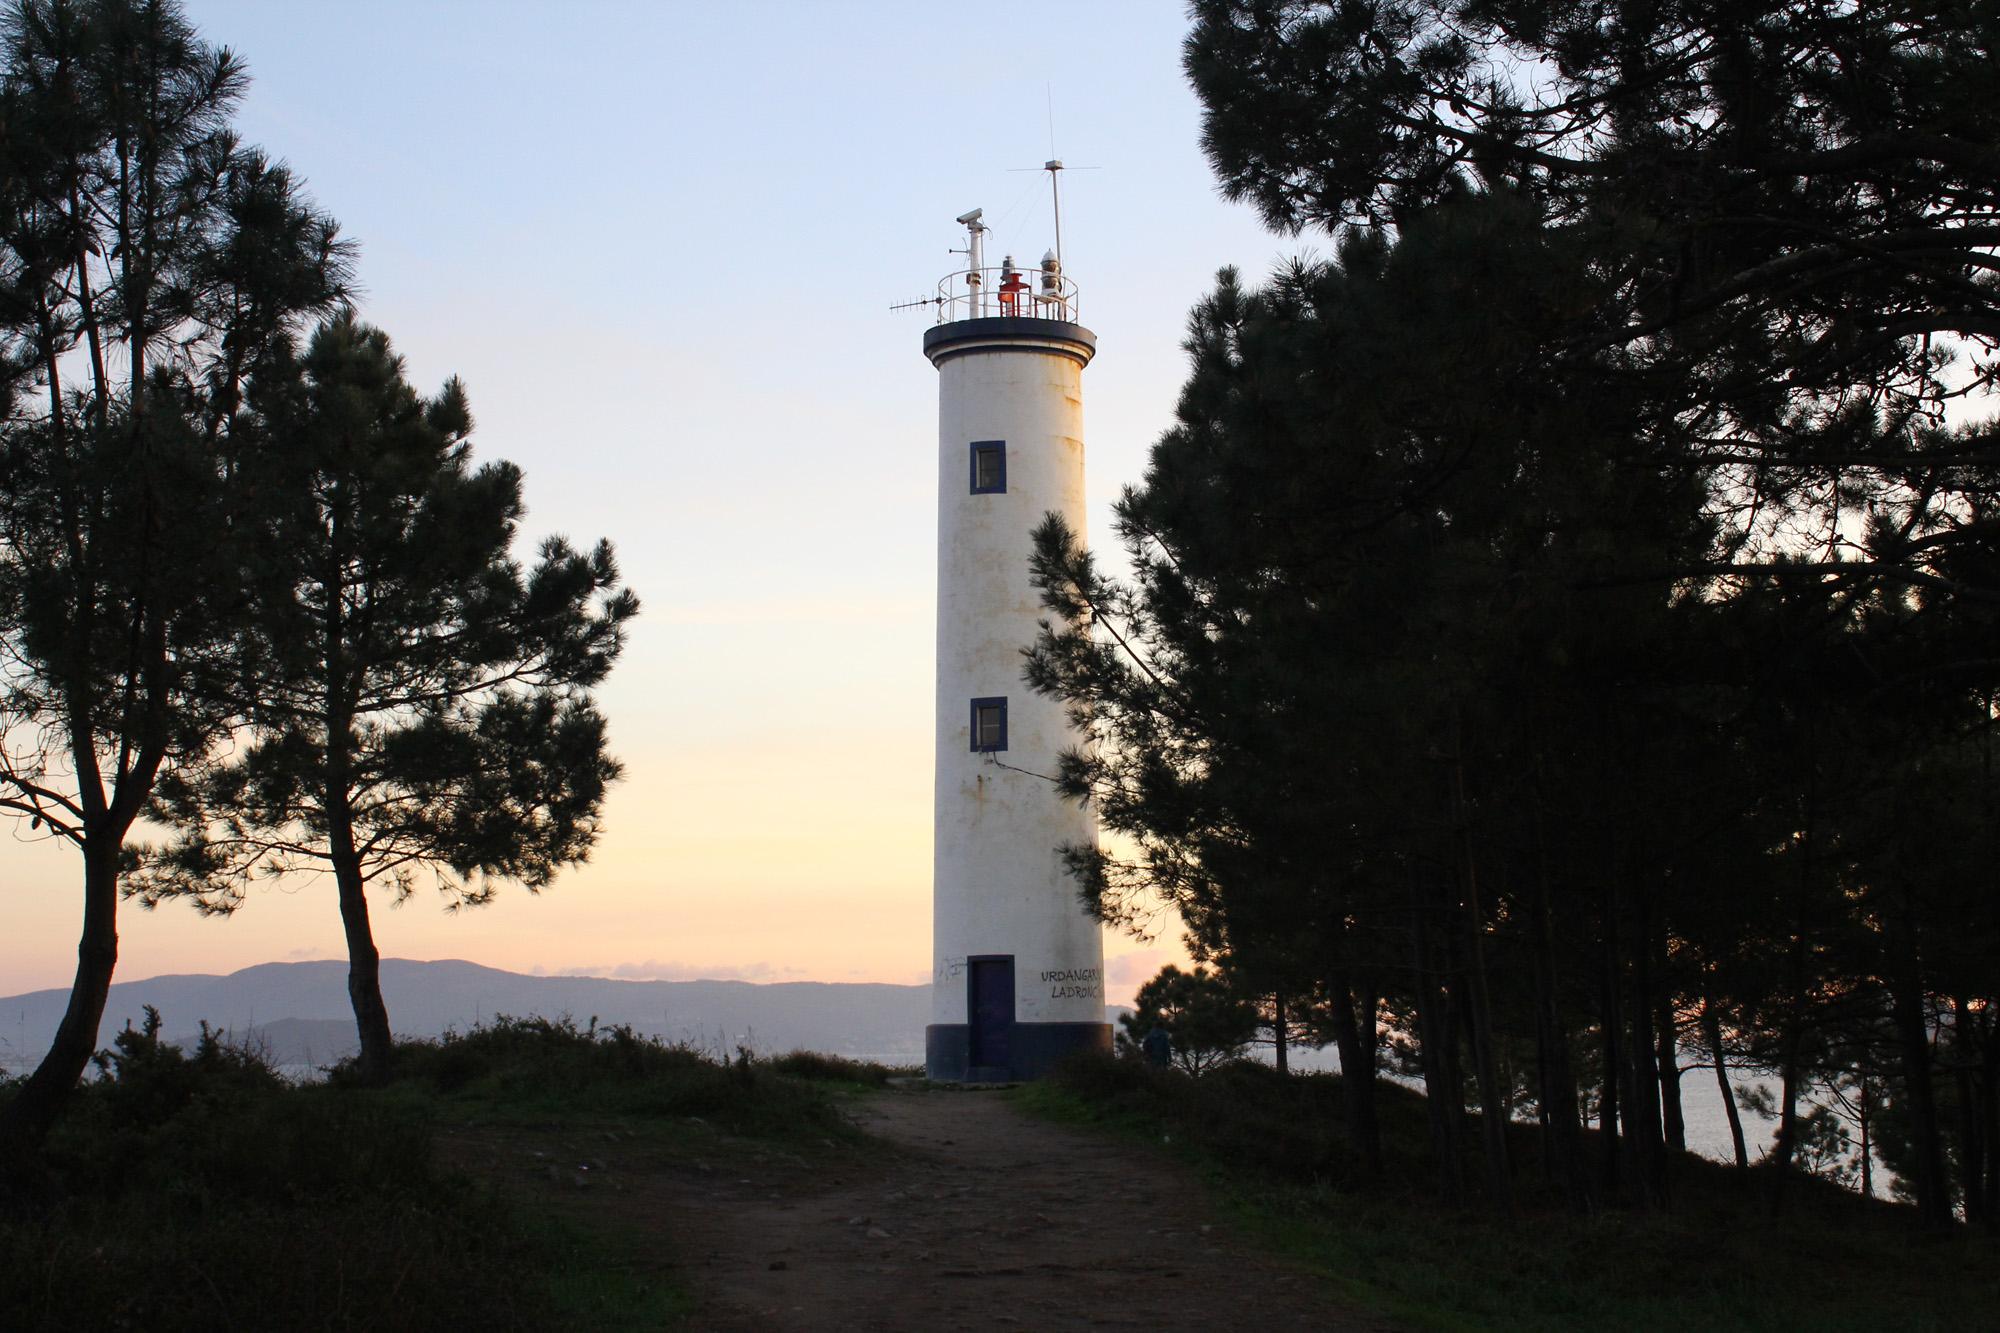 faros de la costa de la vela subrido